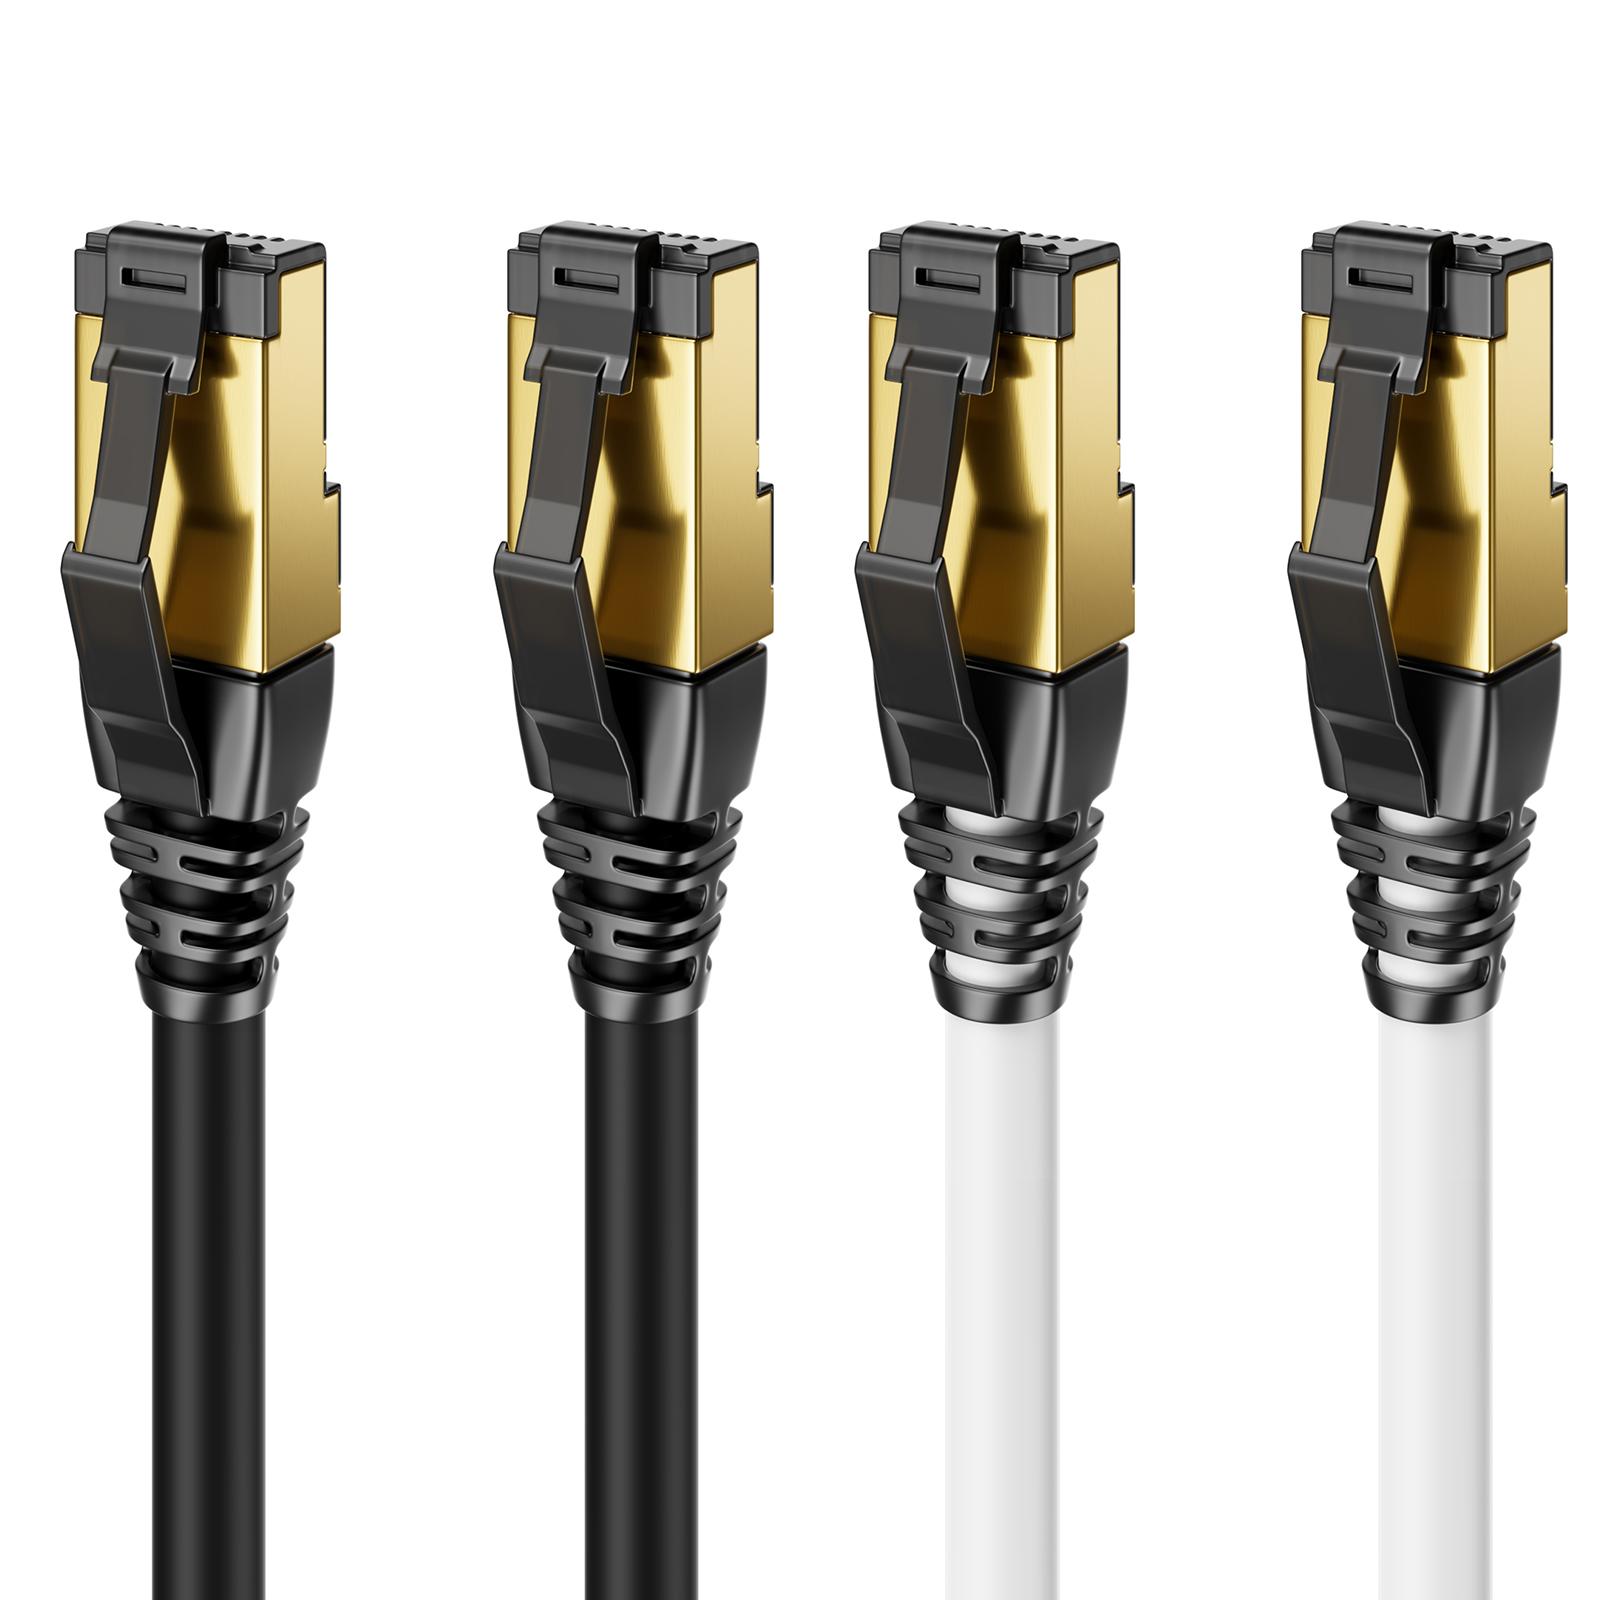 15m CAT 7 Patchkabel Netzwerkkabel RJ45 LAN DSL Netzwerk Ethernet Kabel Weiß